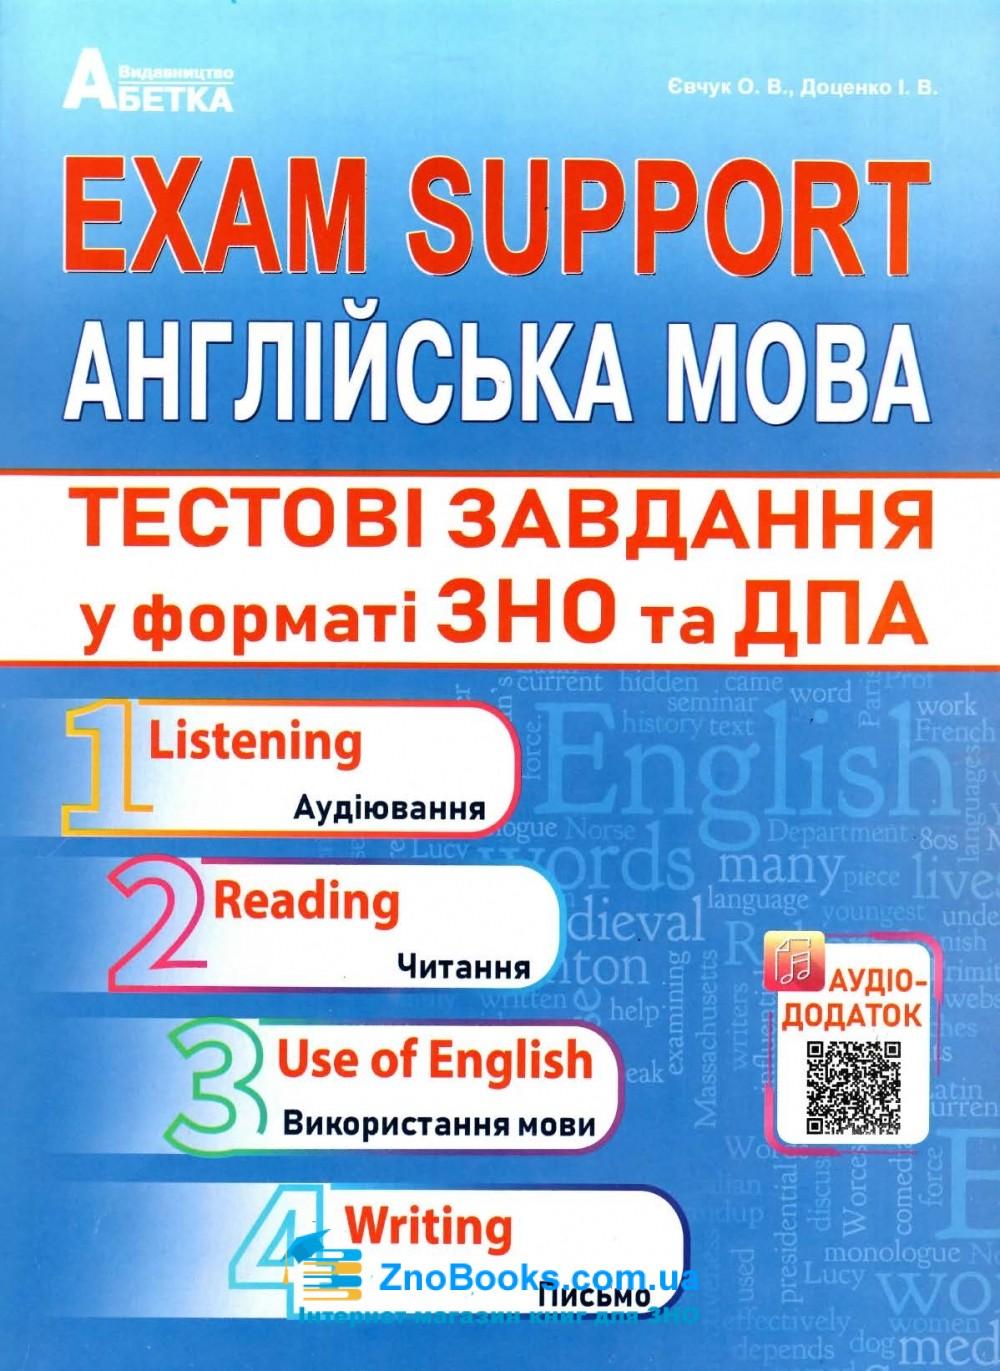 Англійська мова (Exam Support). Тестові завдання у форматі ЗНО та ДПА 2019. купити 0